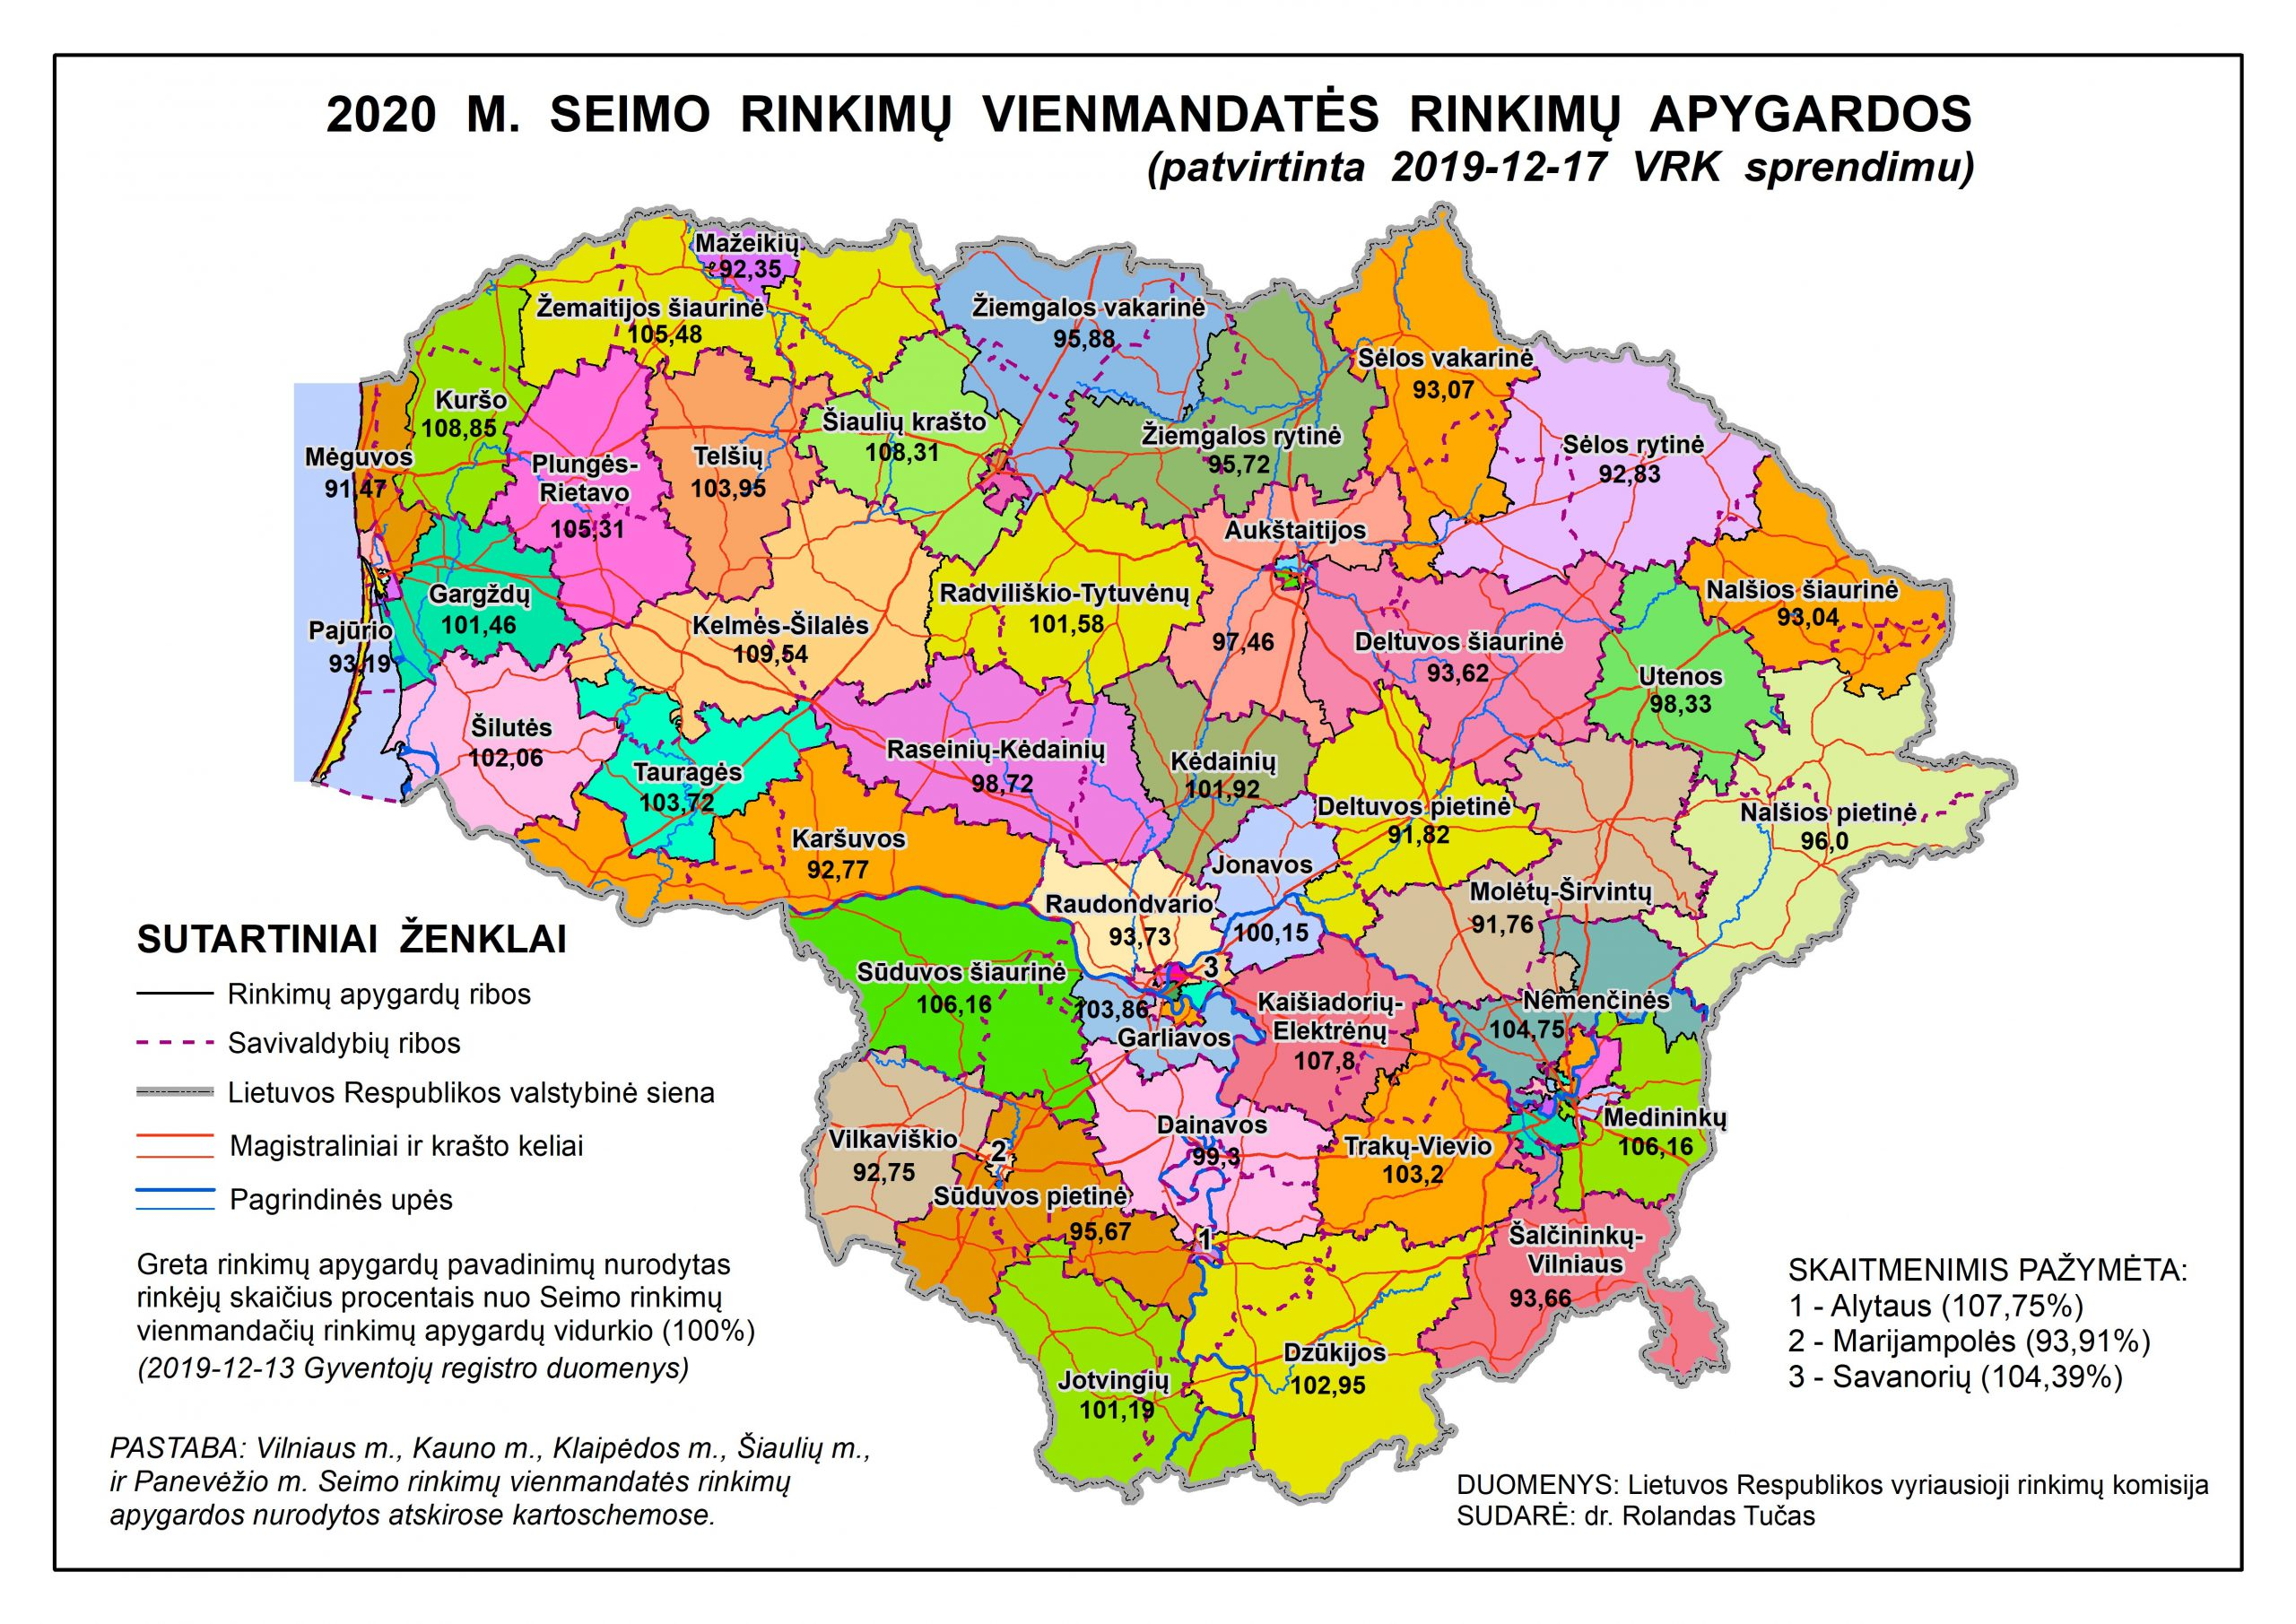 Seimo rinkim 2020 apyg PATVIRTINTAS 2019 12 17 A3